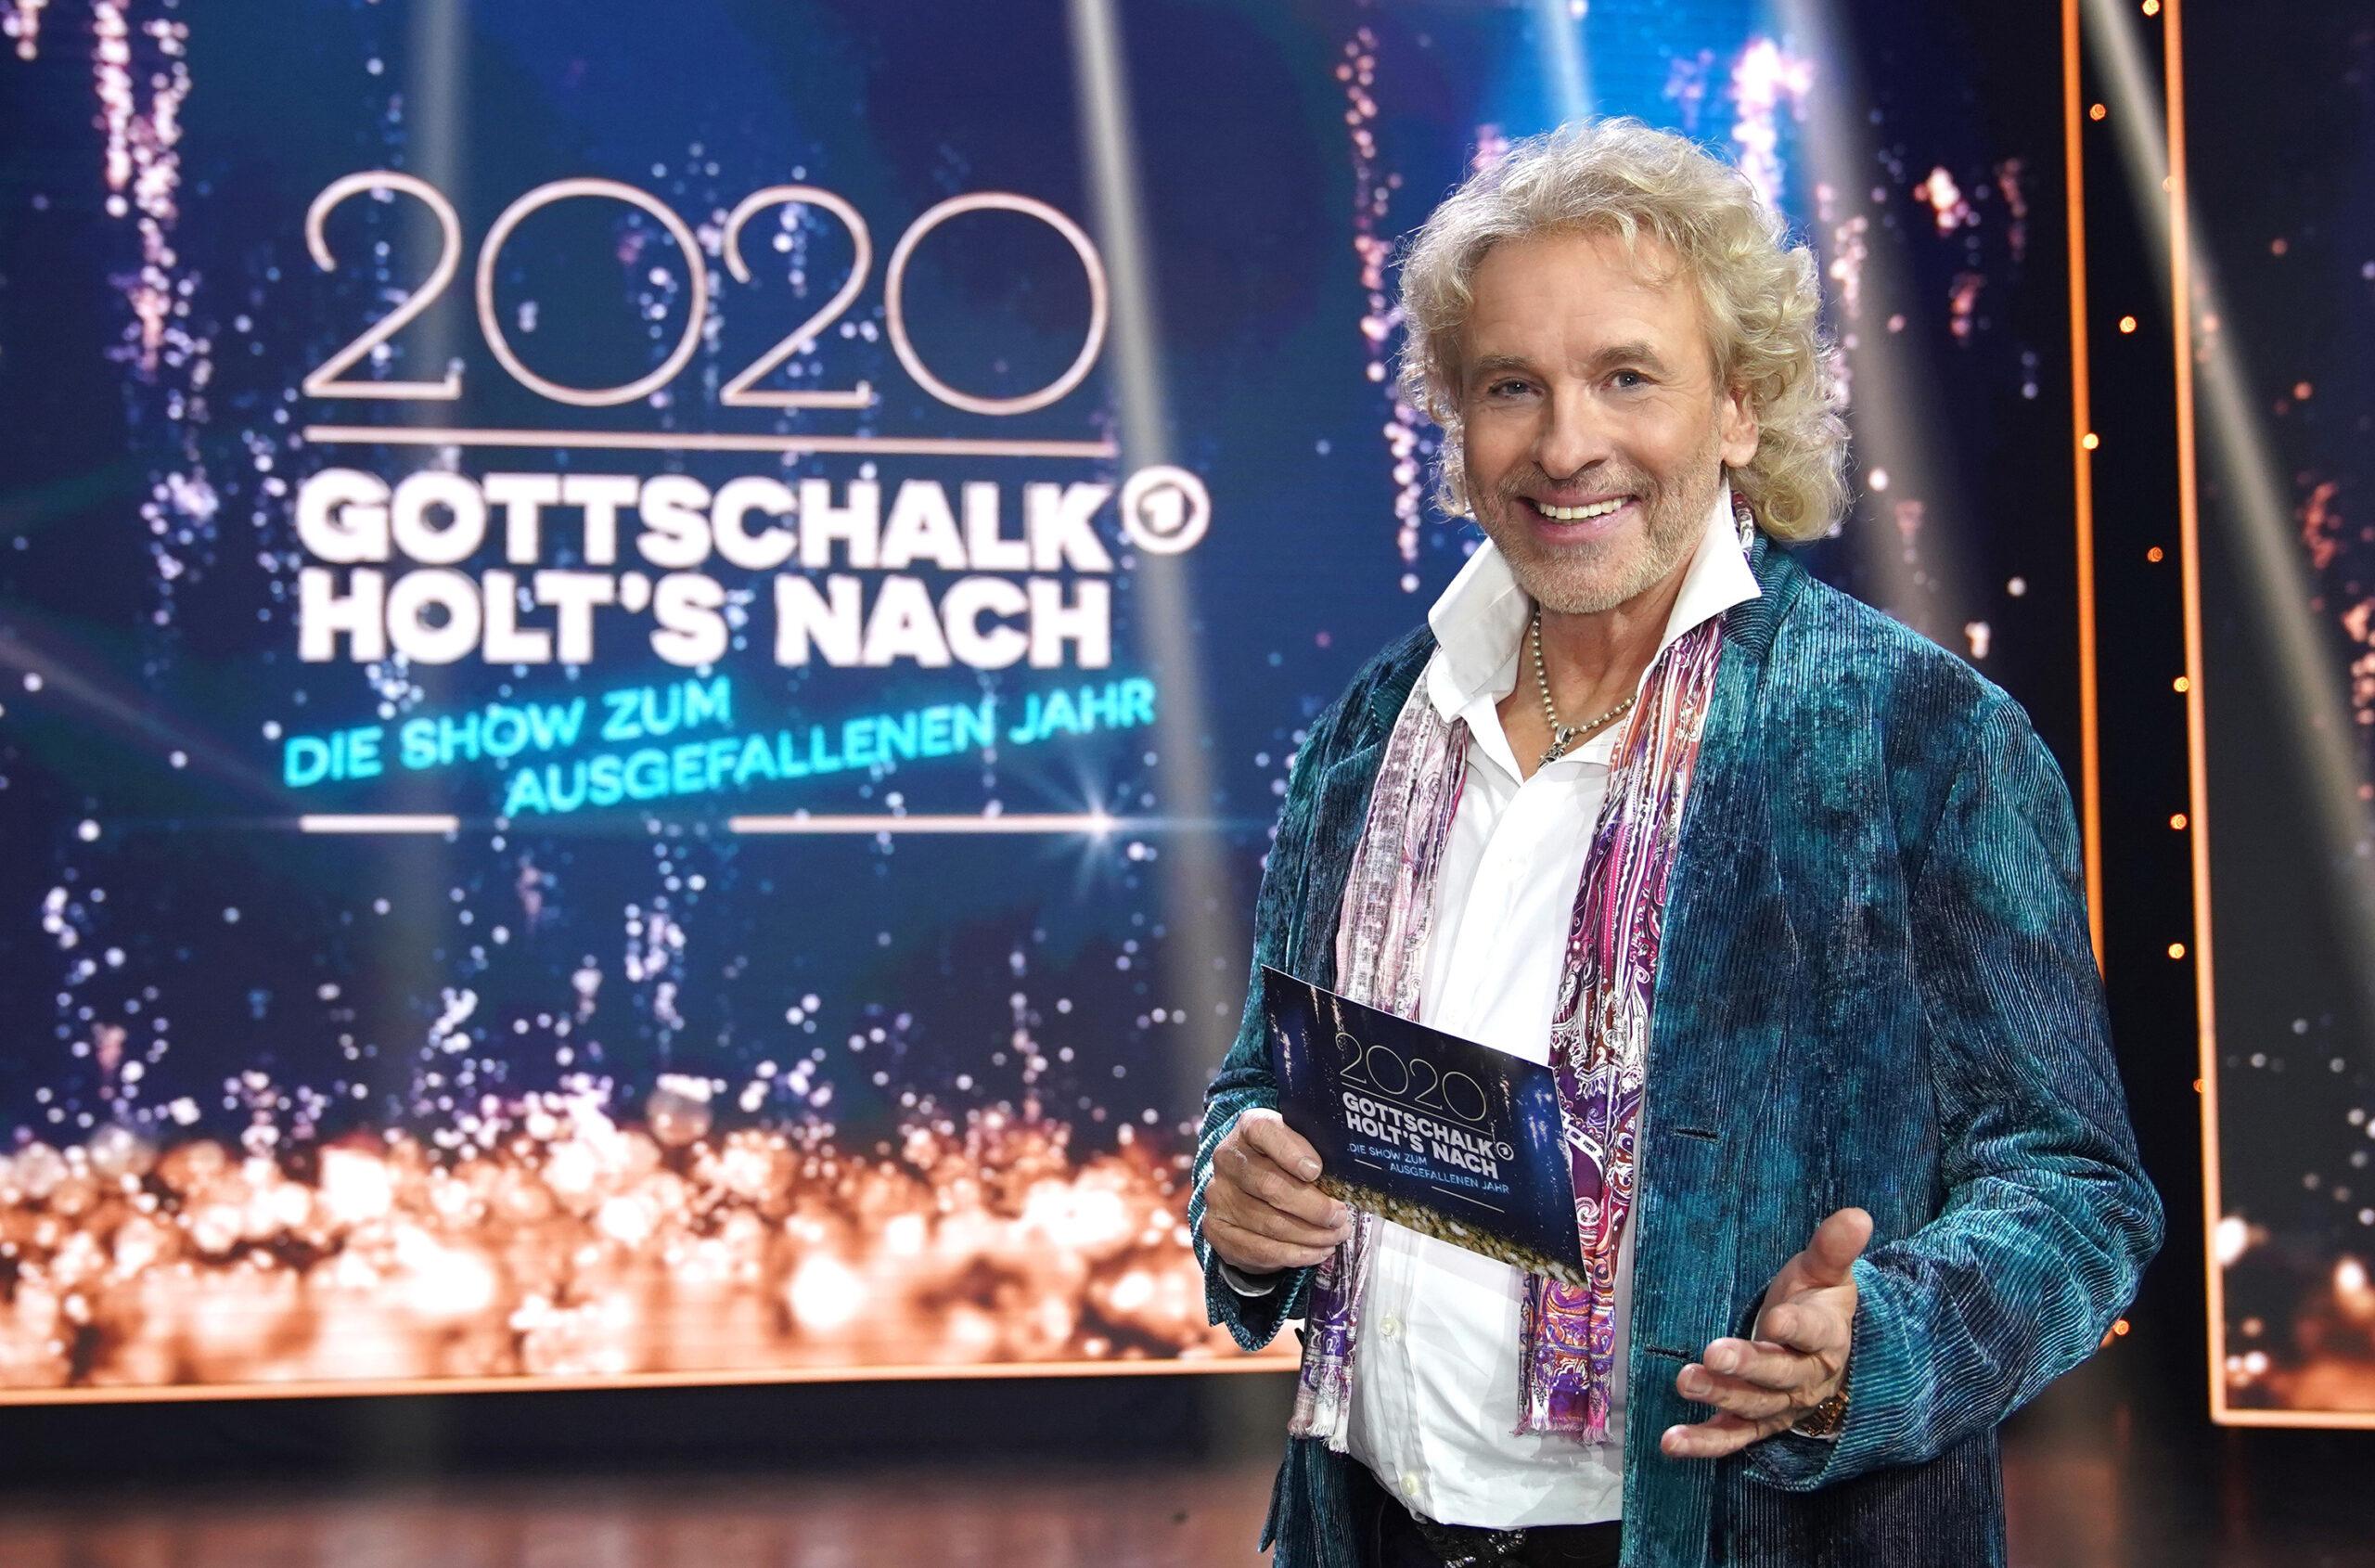 2020 – Gottschalk holt's nach